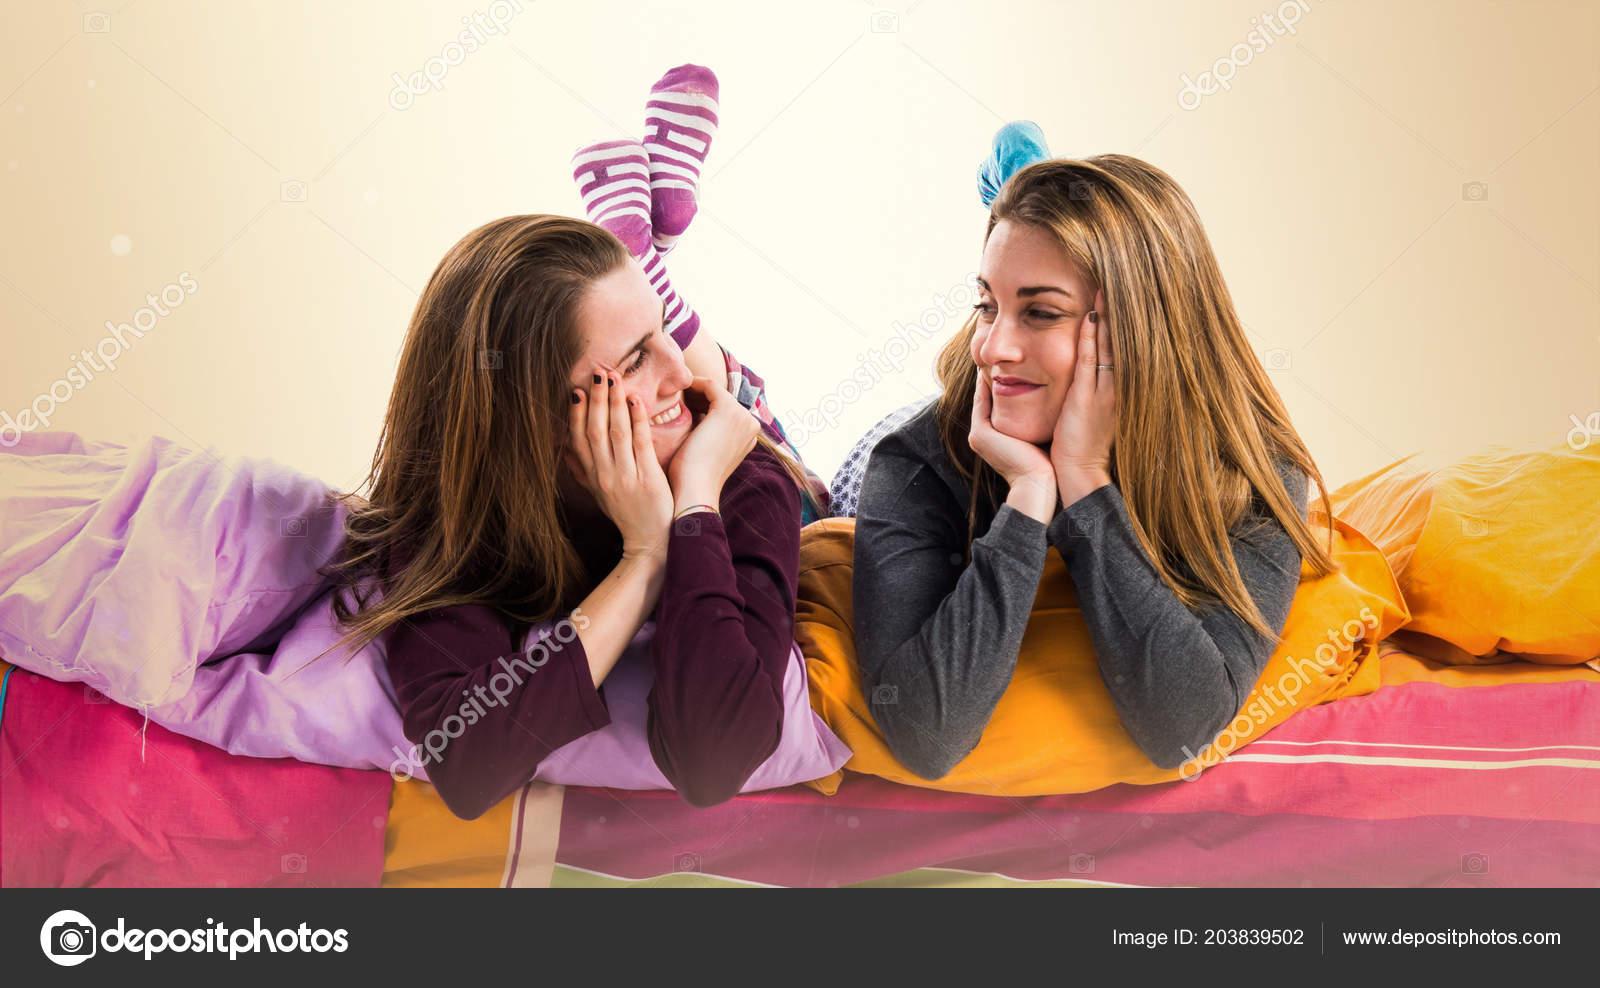 Сестра занимается сексом сестрой лесбиянки, Сестры лесбиянки занимаются сексом в ванной 17 фотография